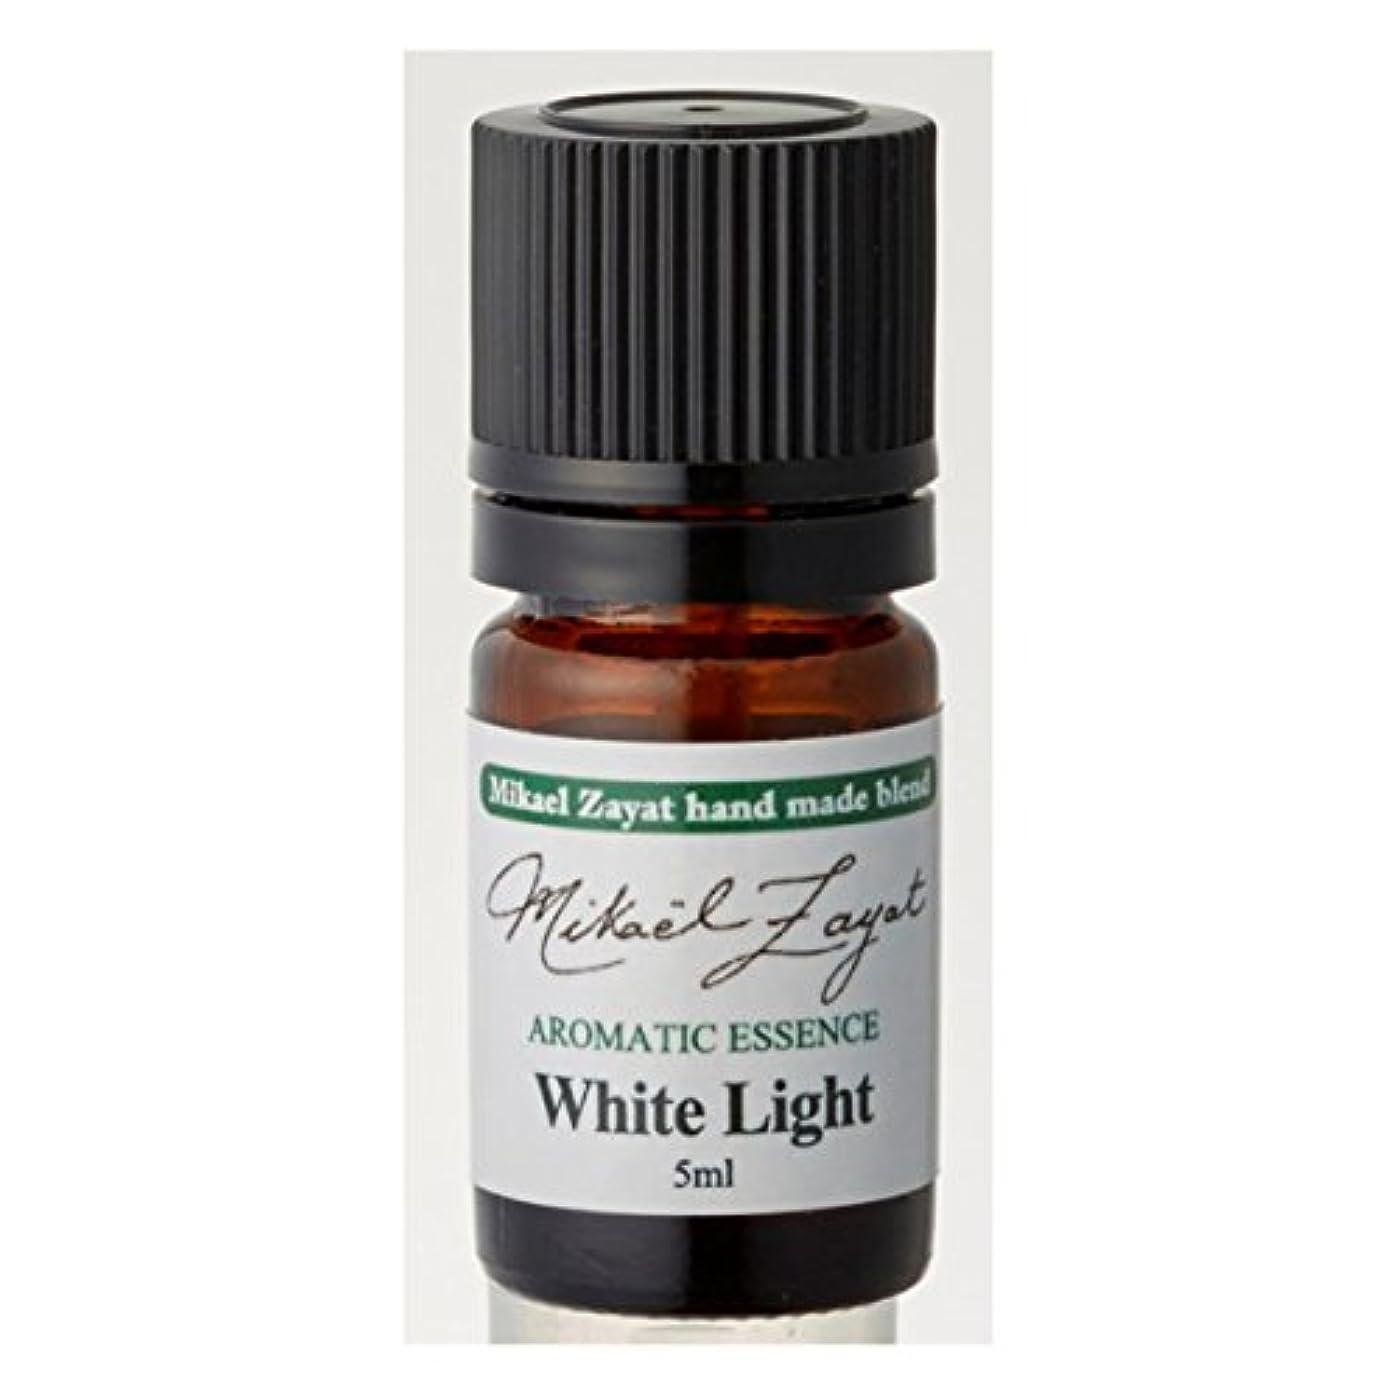 言及するシリーズジャグリングミカエルザヤット ホワイトライト White Light 5ml/ Mikael Zayat hand made blend